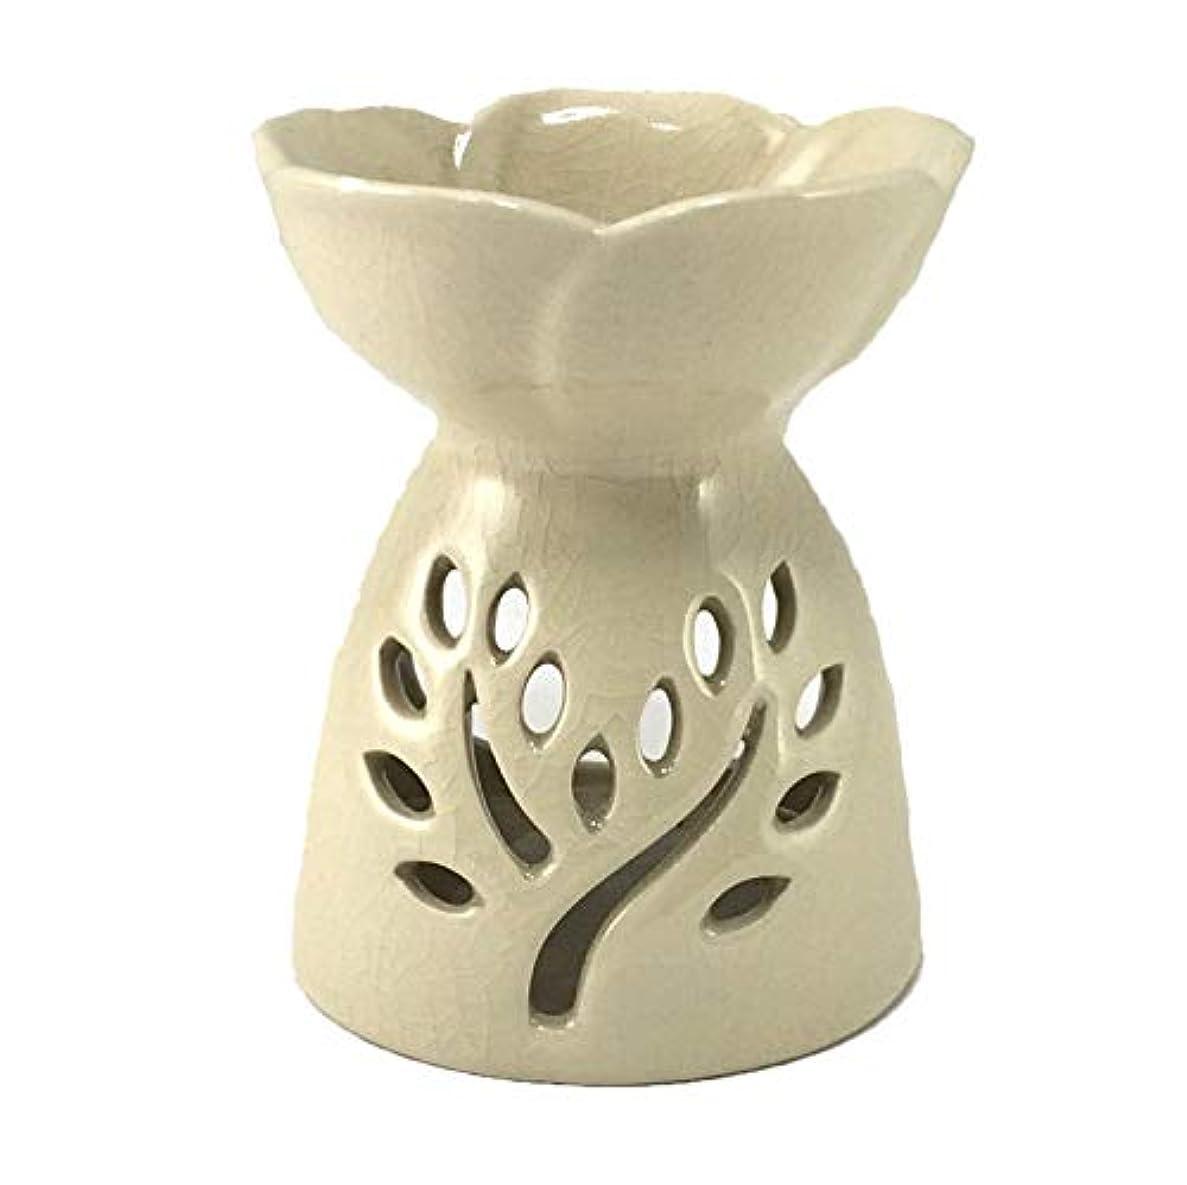 ウッズ妊娠したおとこアロマポット ツリー模様スリット 陶器アロマバーナー